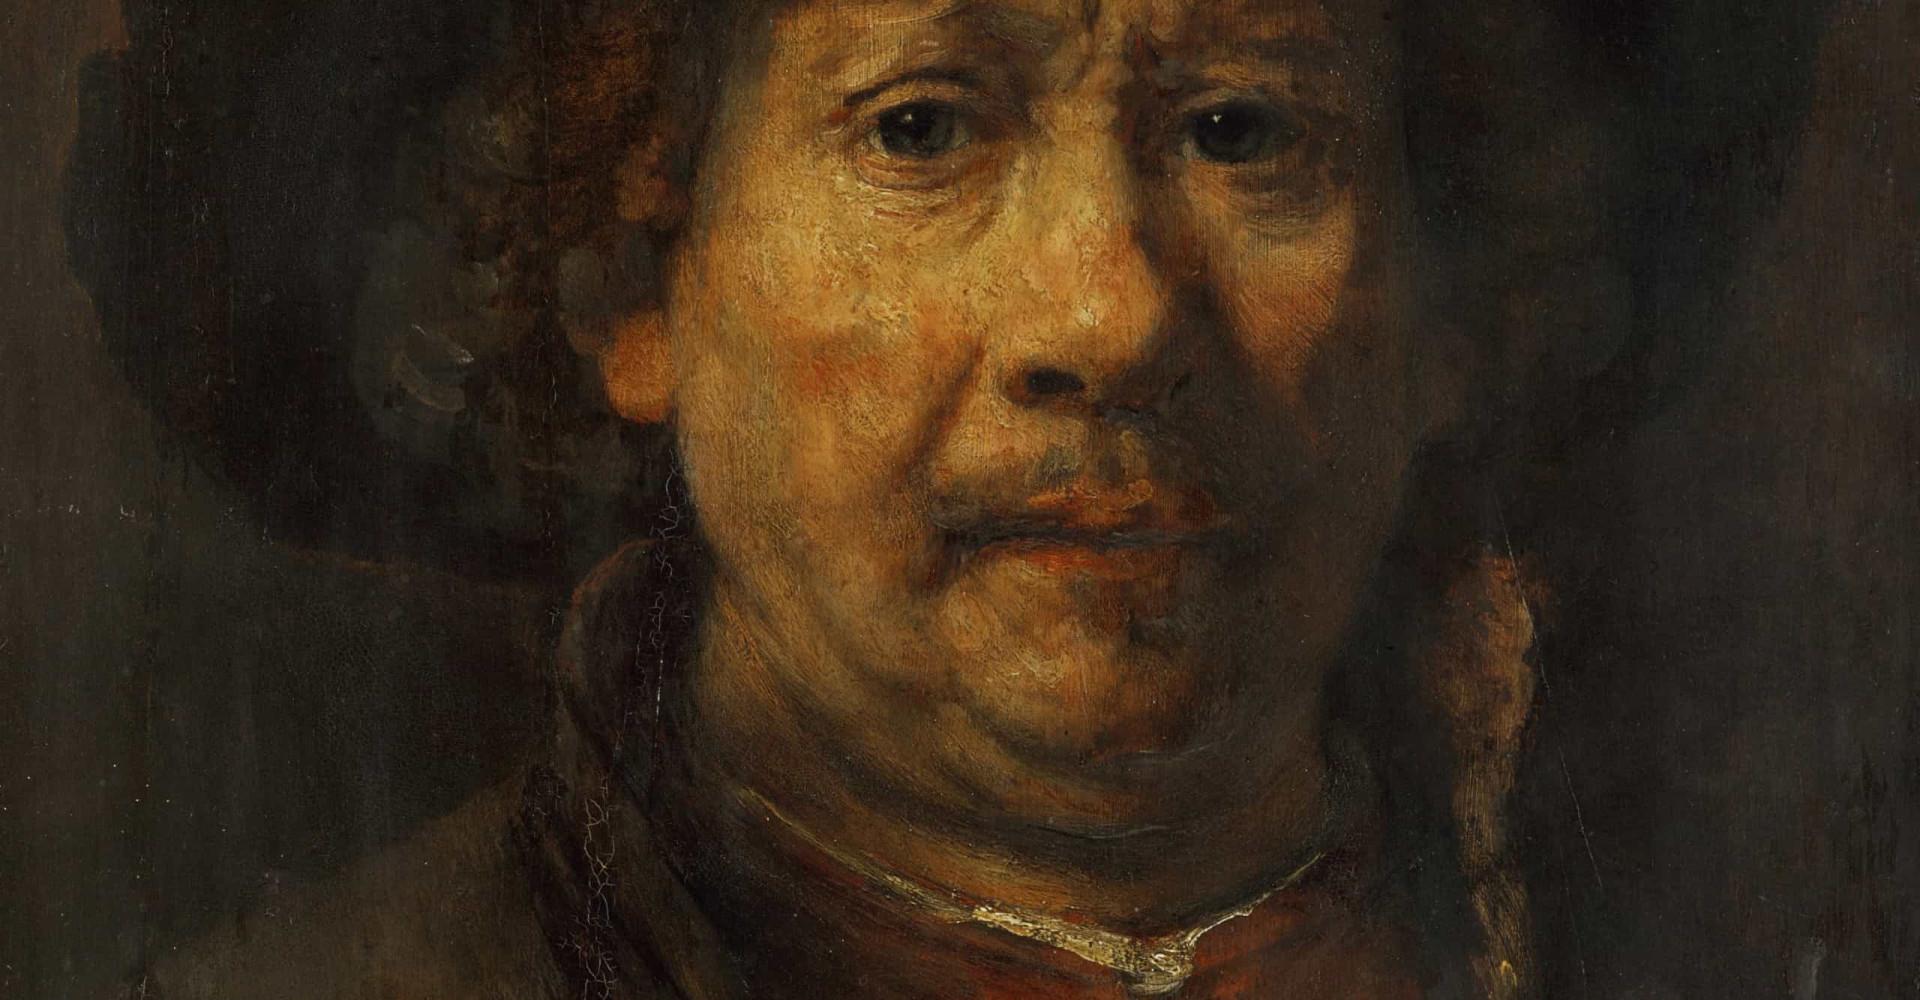 Rembrandt, venster op de Gouden Eeuw